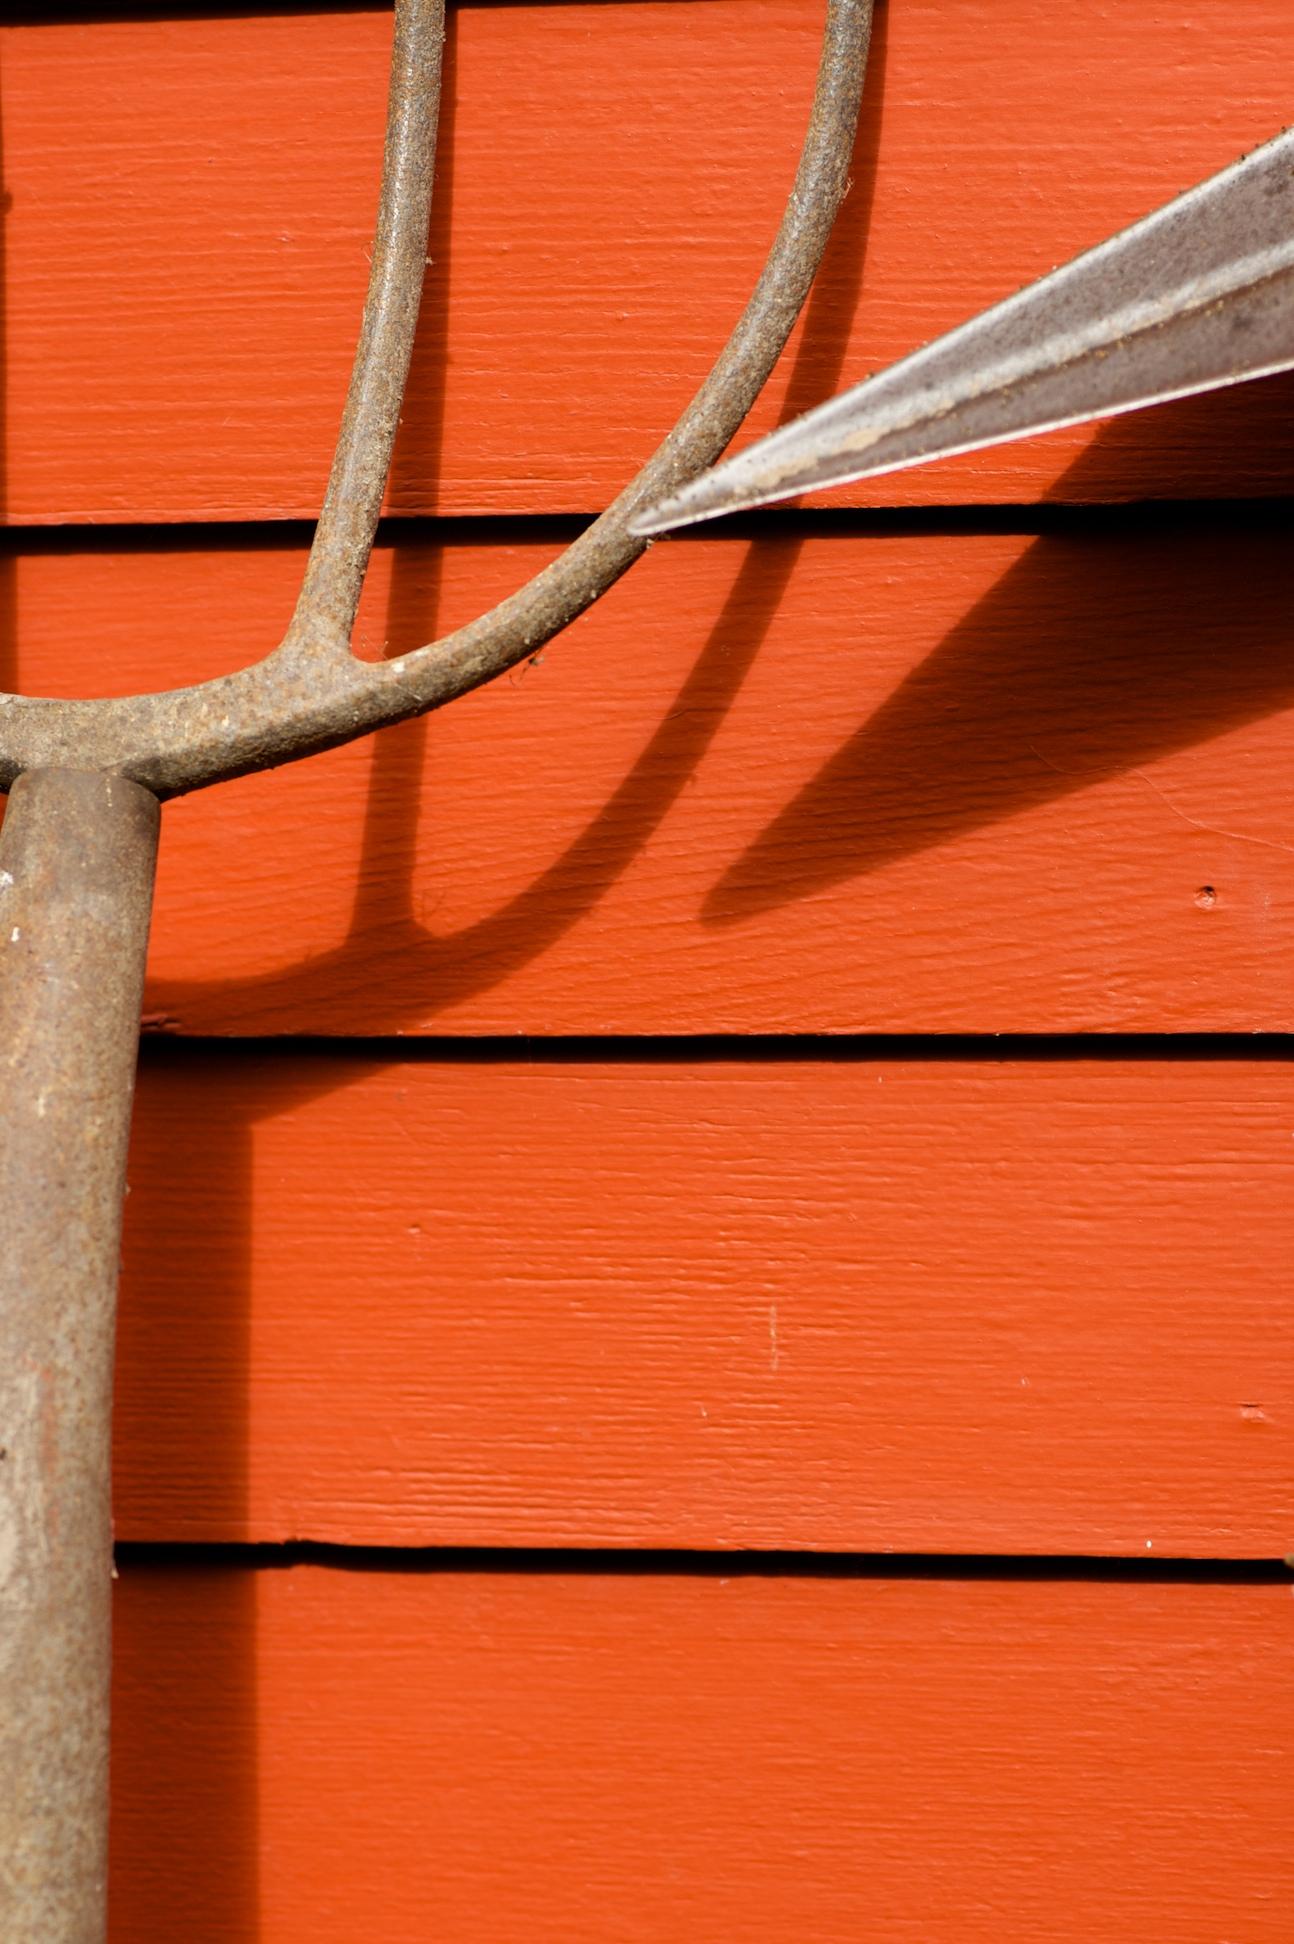 garden-tools-1